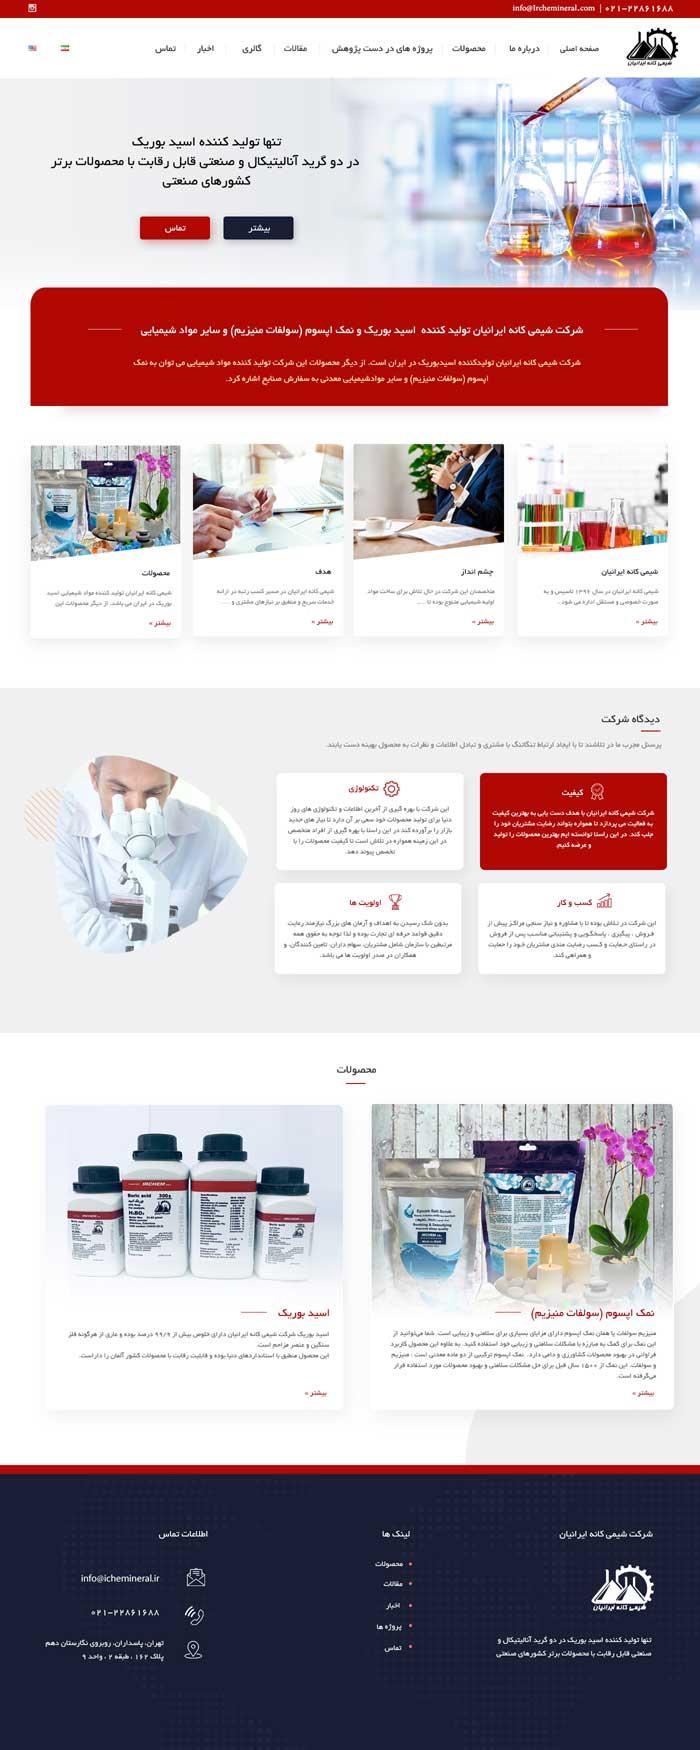 طراحی سایت شرکت شیمی